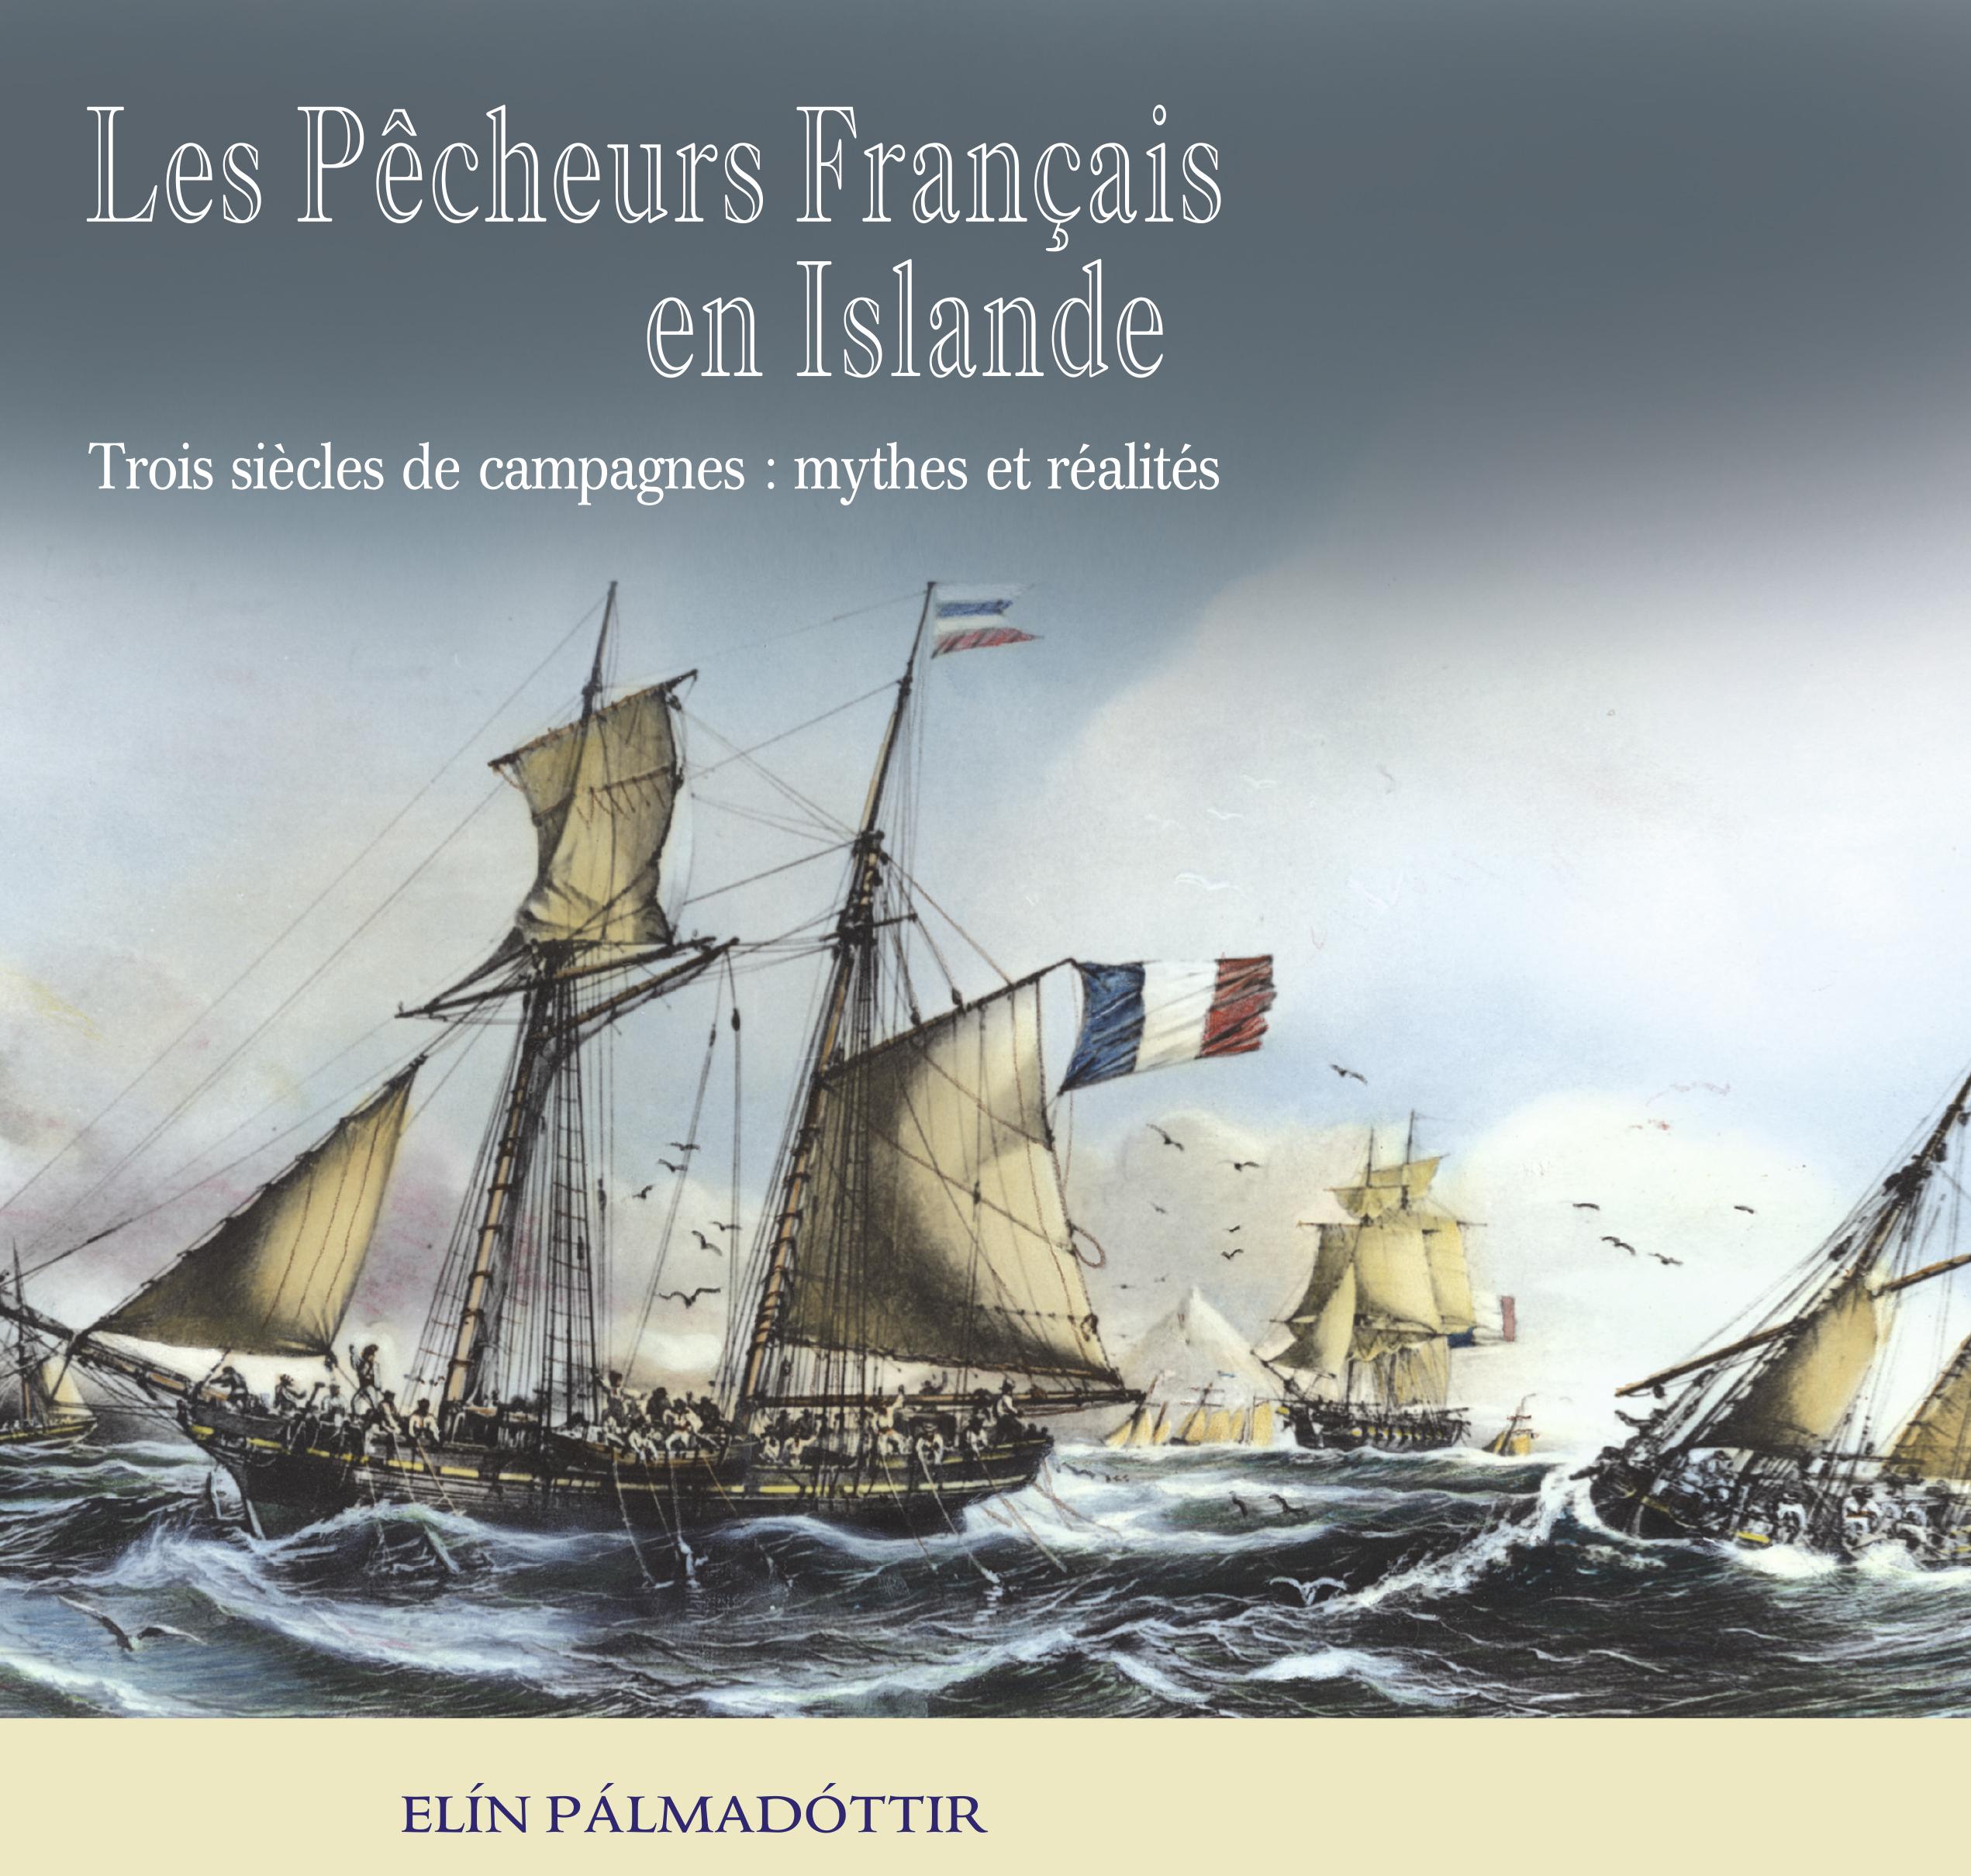 Les Pécheurs Francais